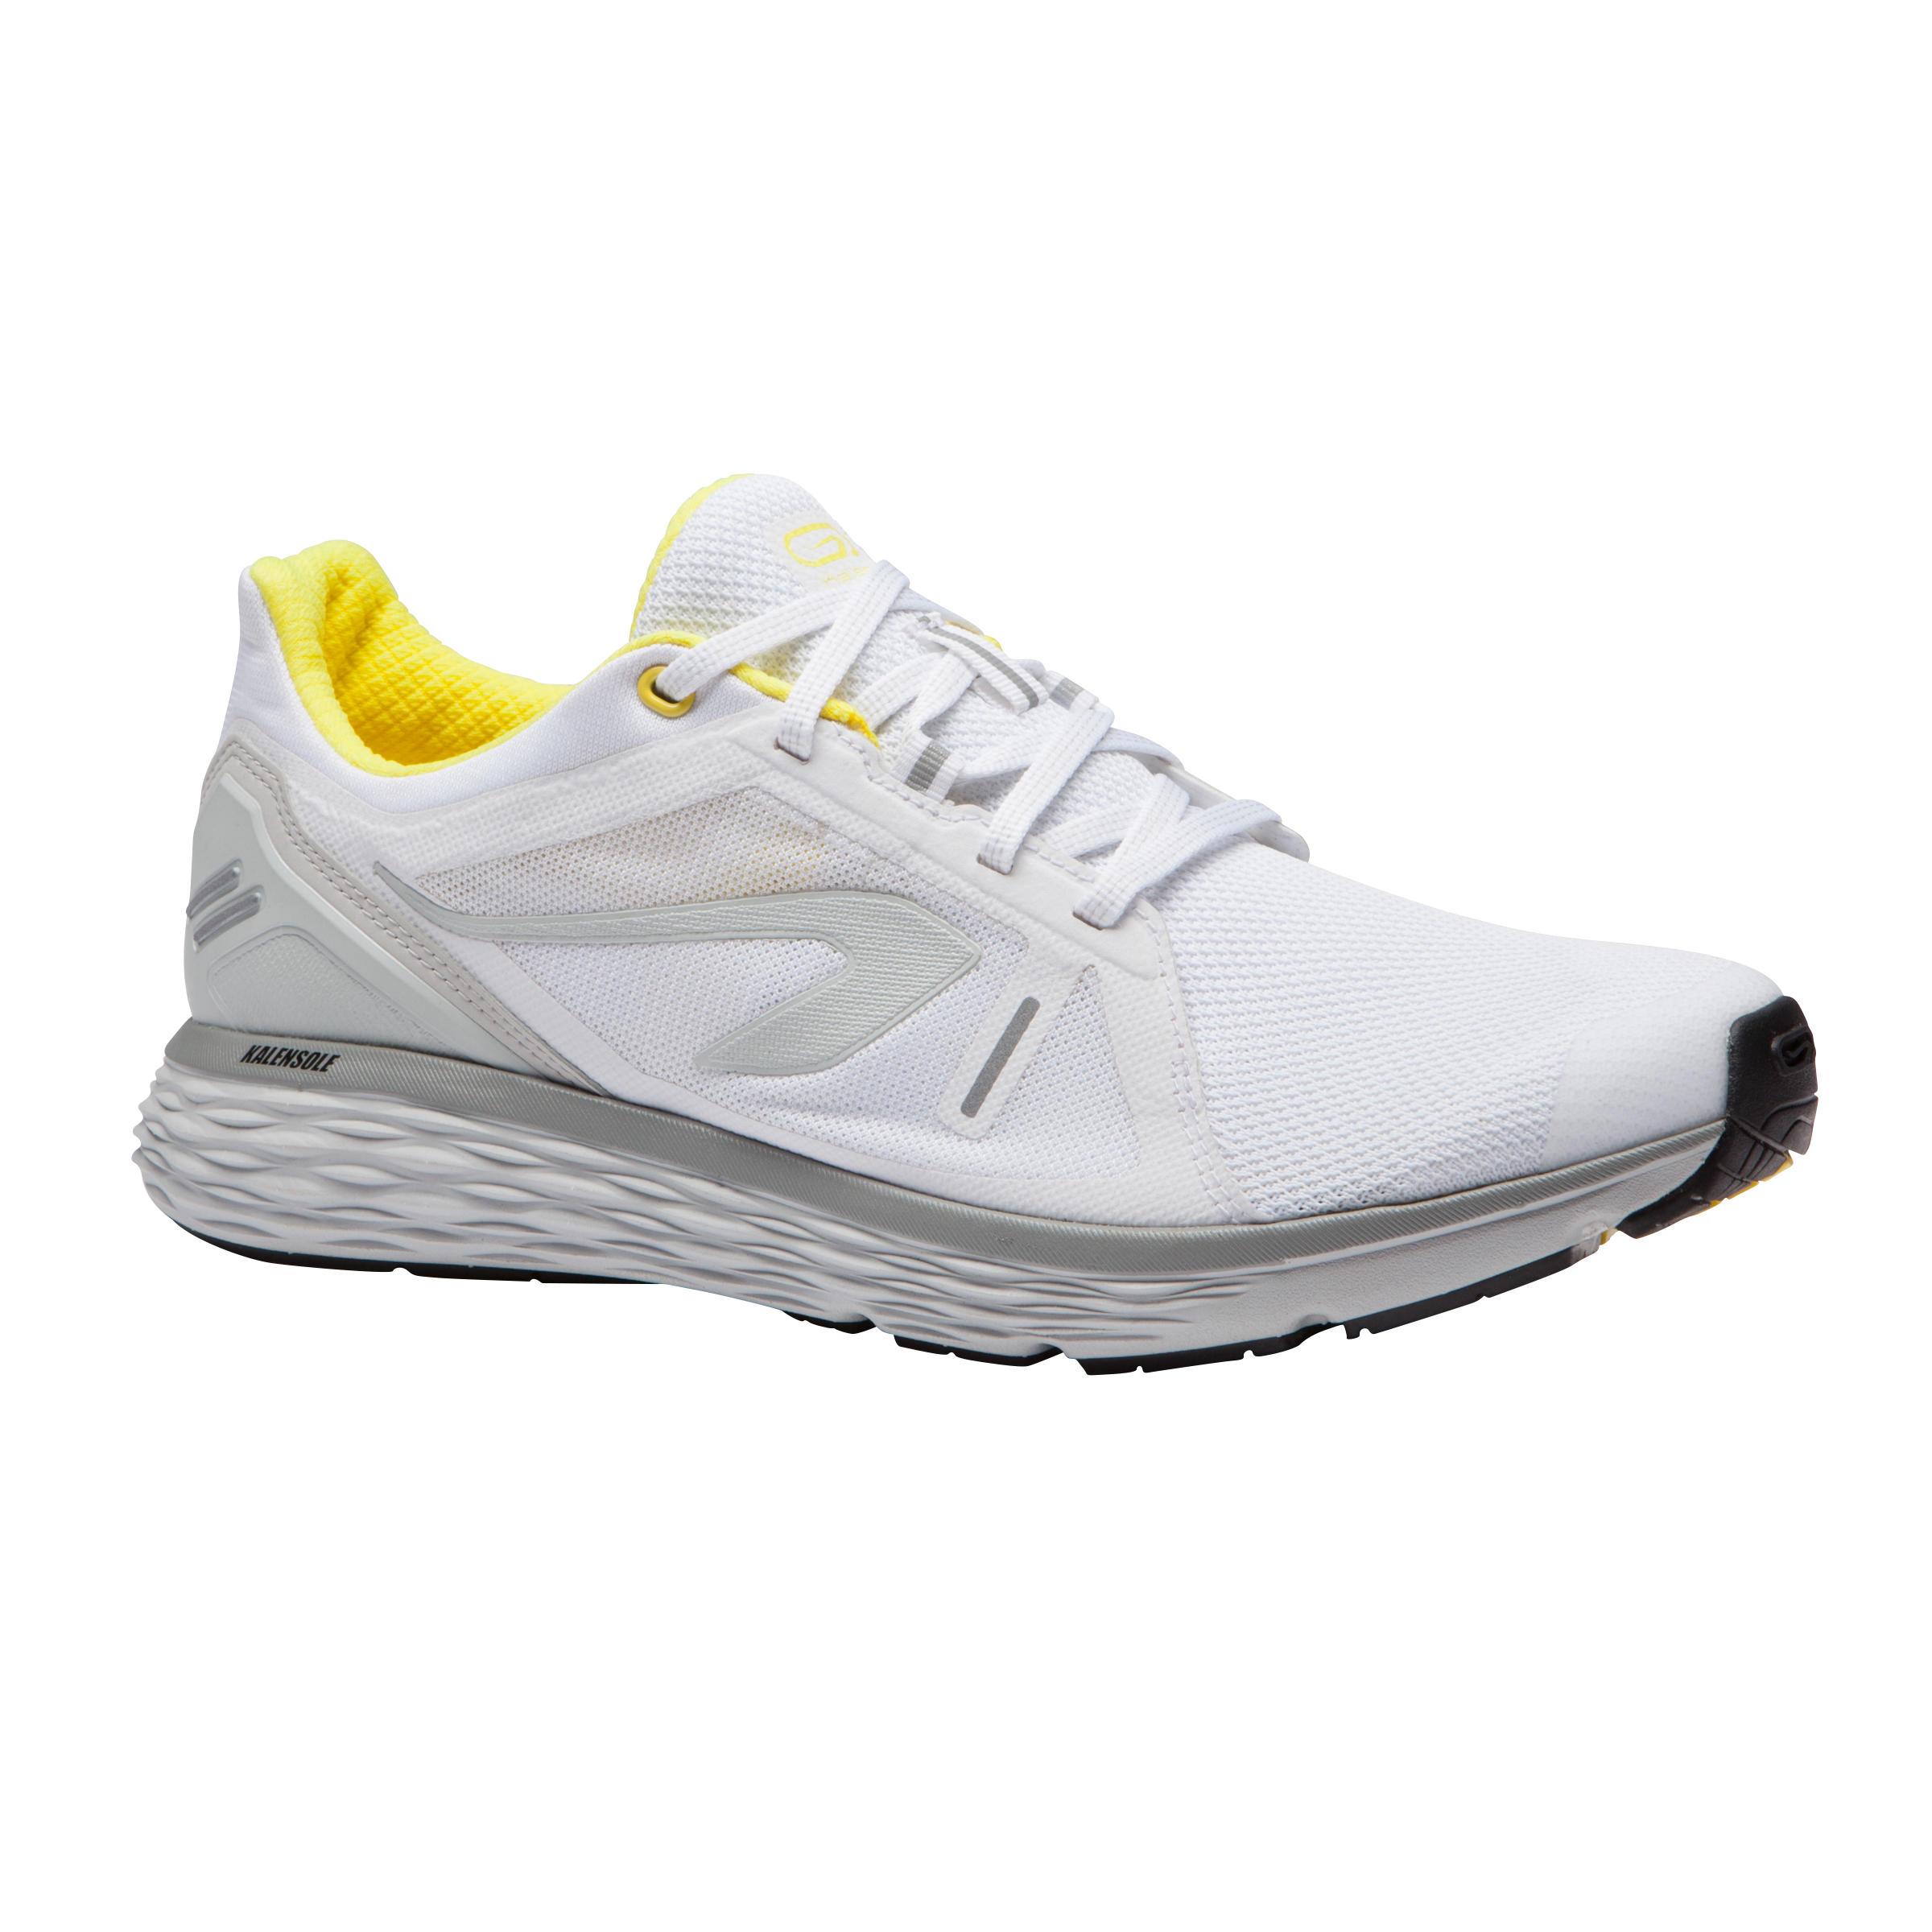 Kalenji Joggingschoenen voor heren Run Comfort wit